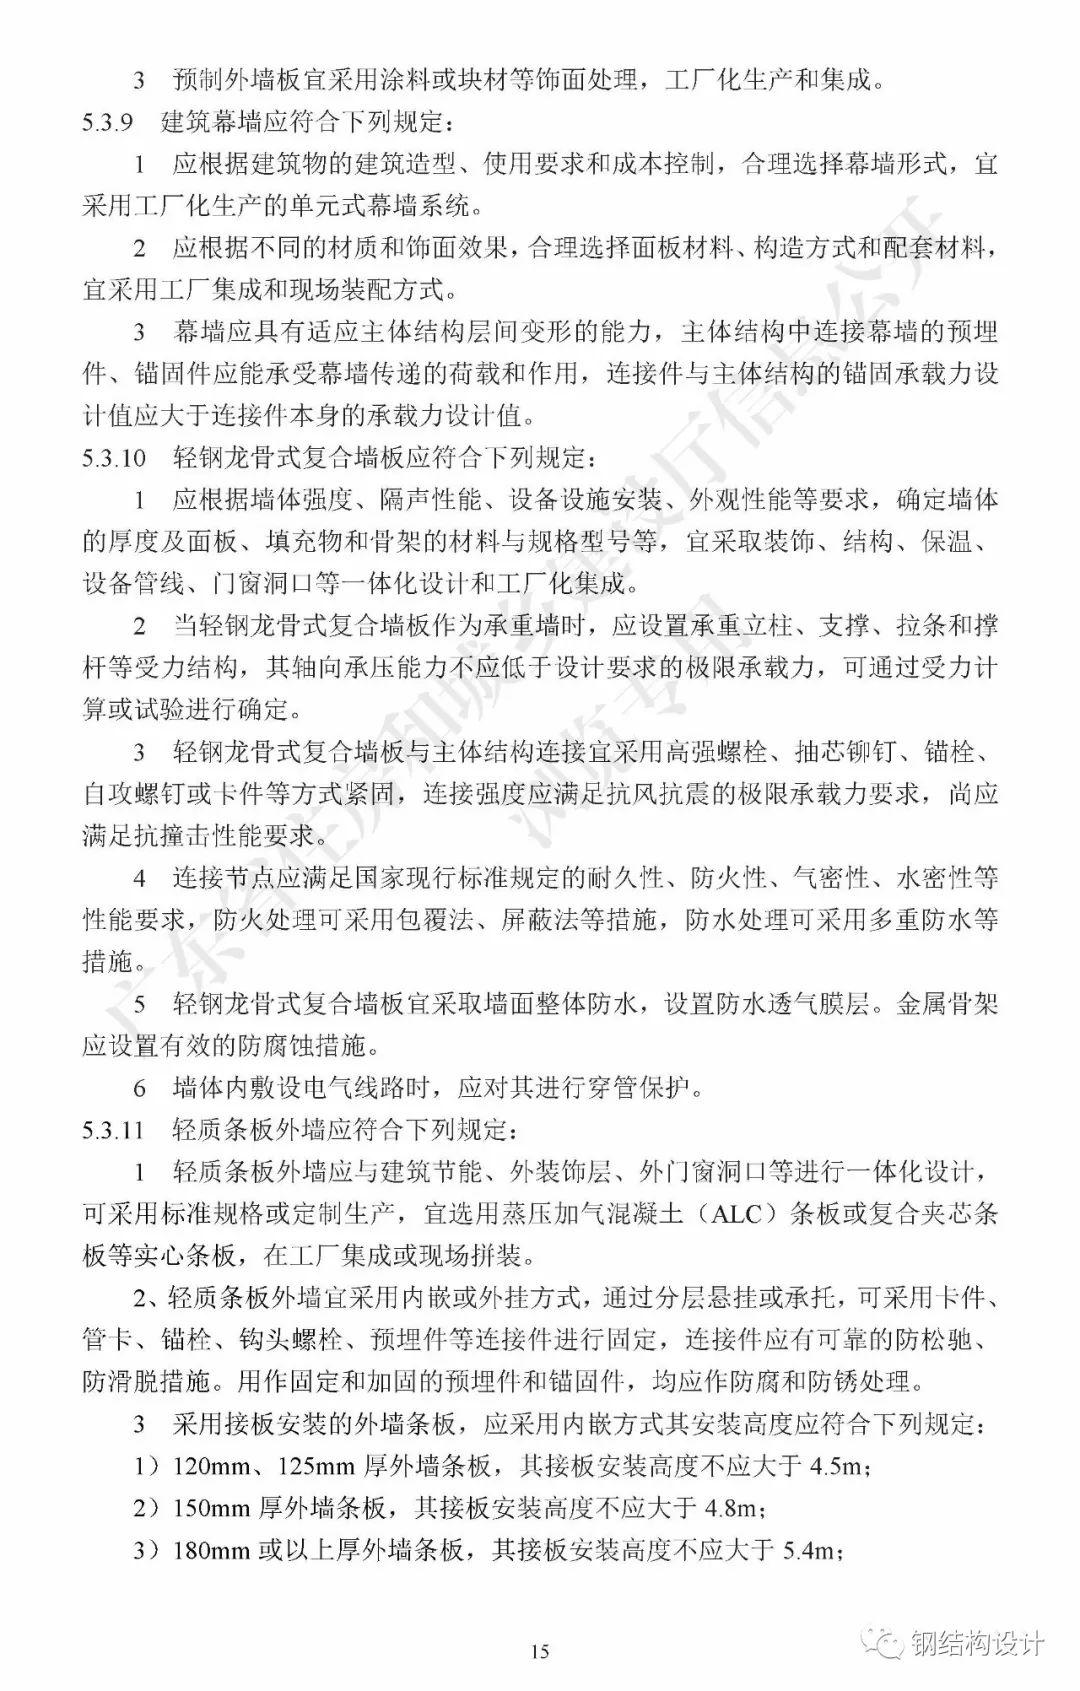 广东省《装配式钢结构建筑技术规程》发布_25